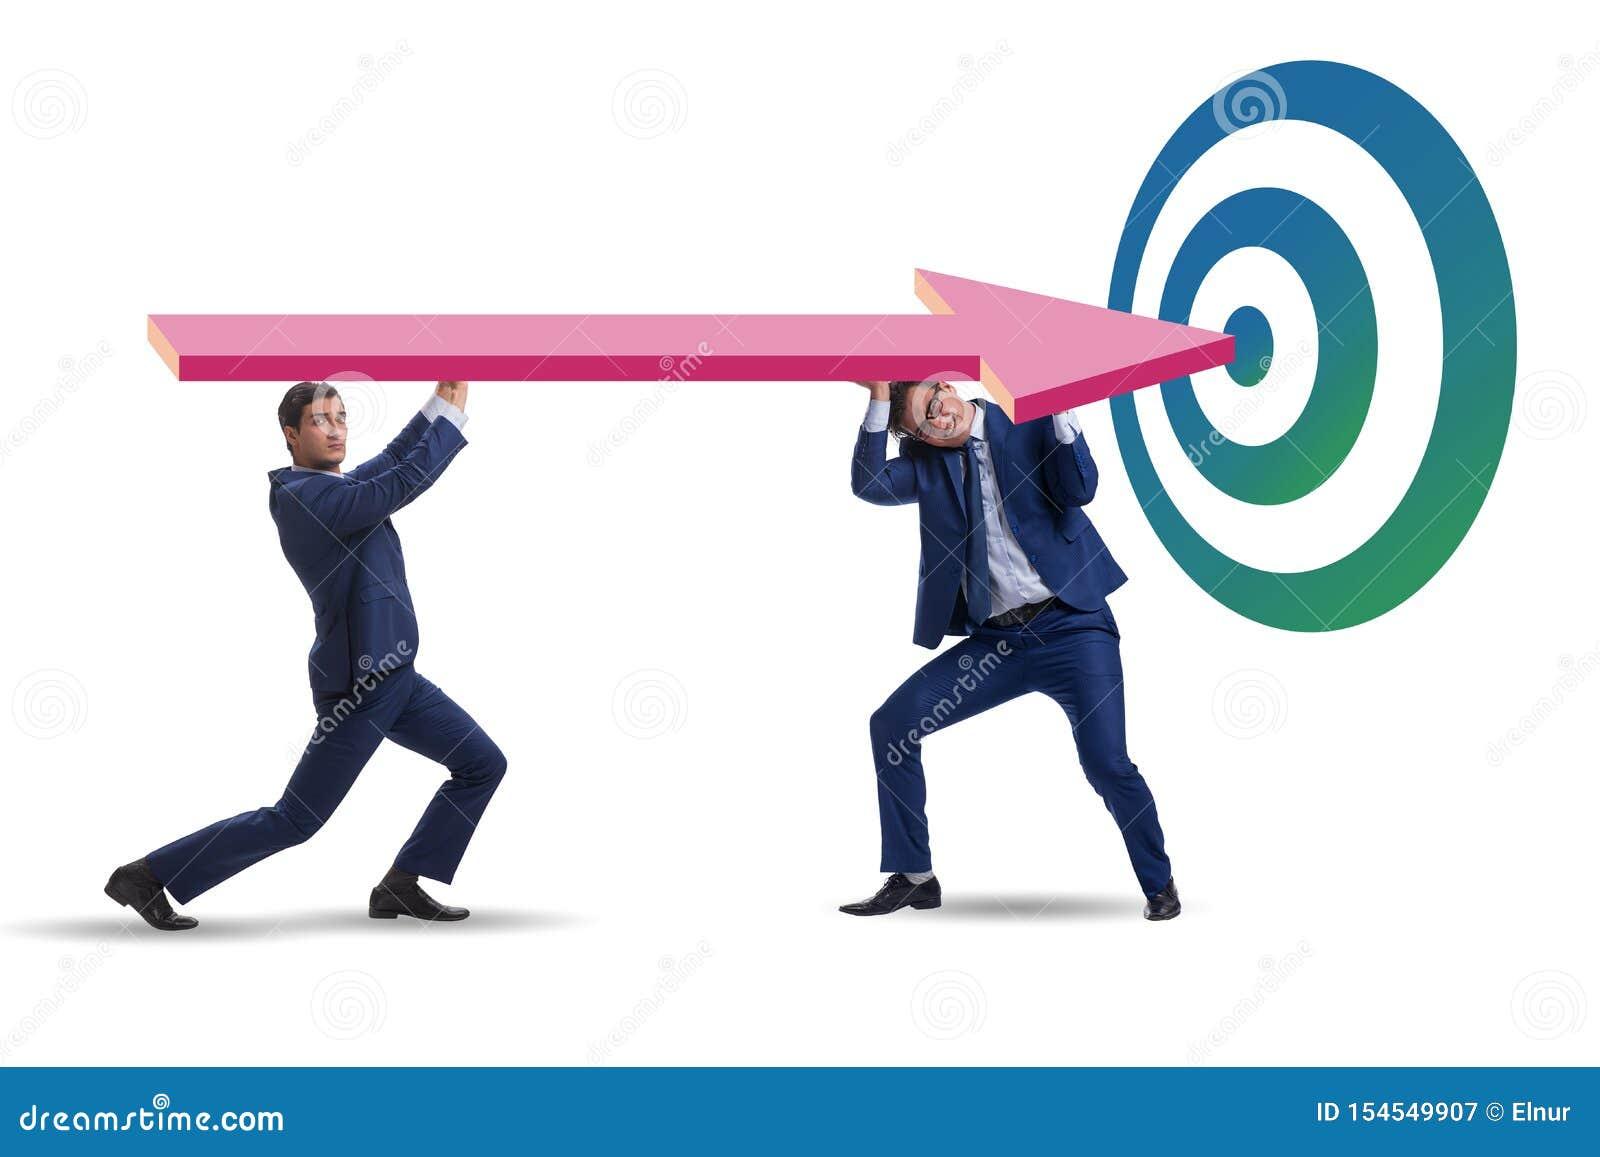 Έννοια του εταιρικού στρατηγικού προγραμματισμού